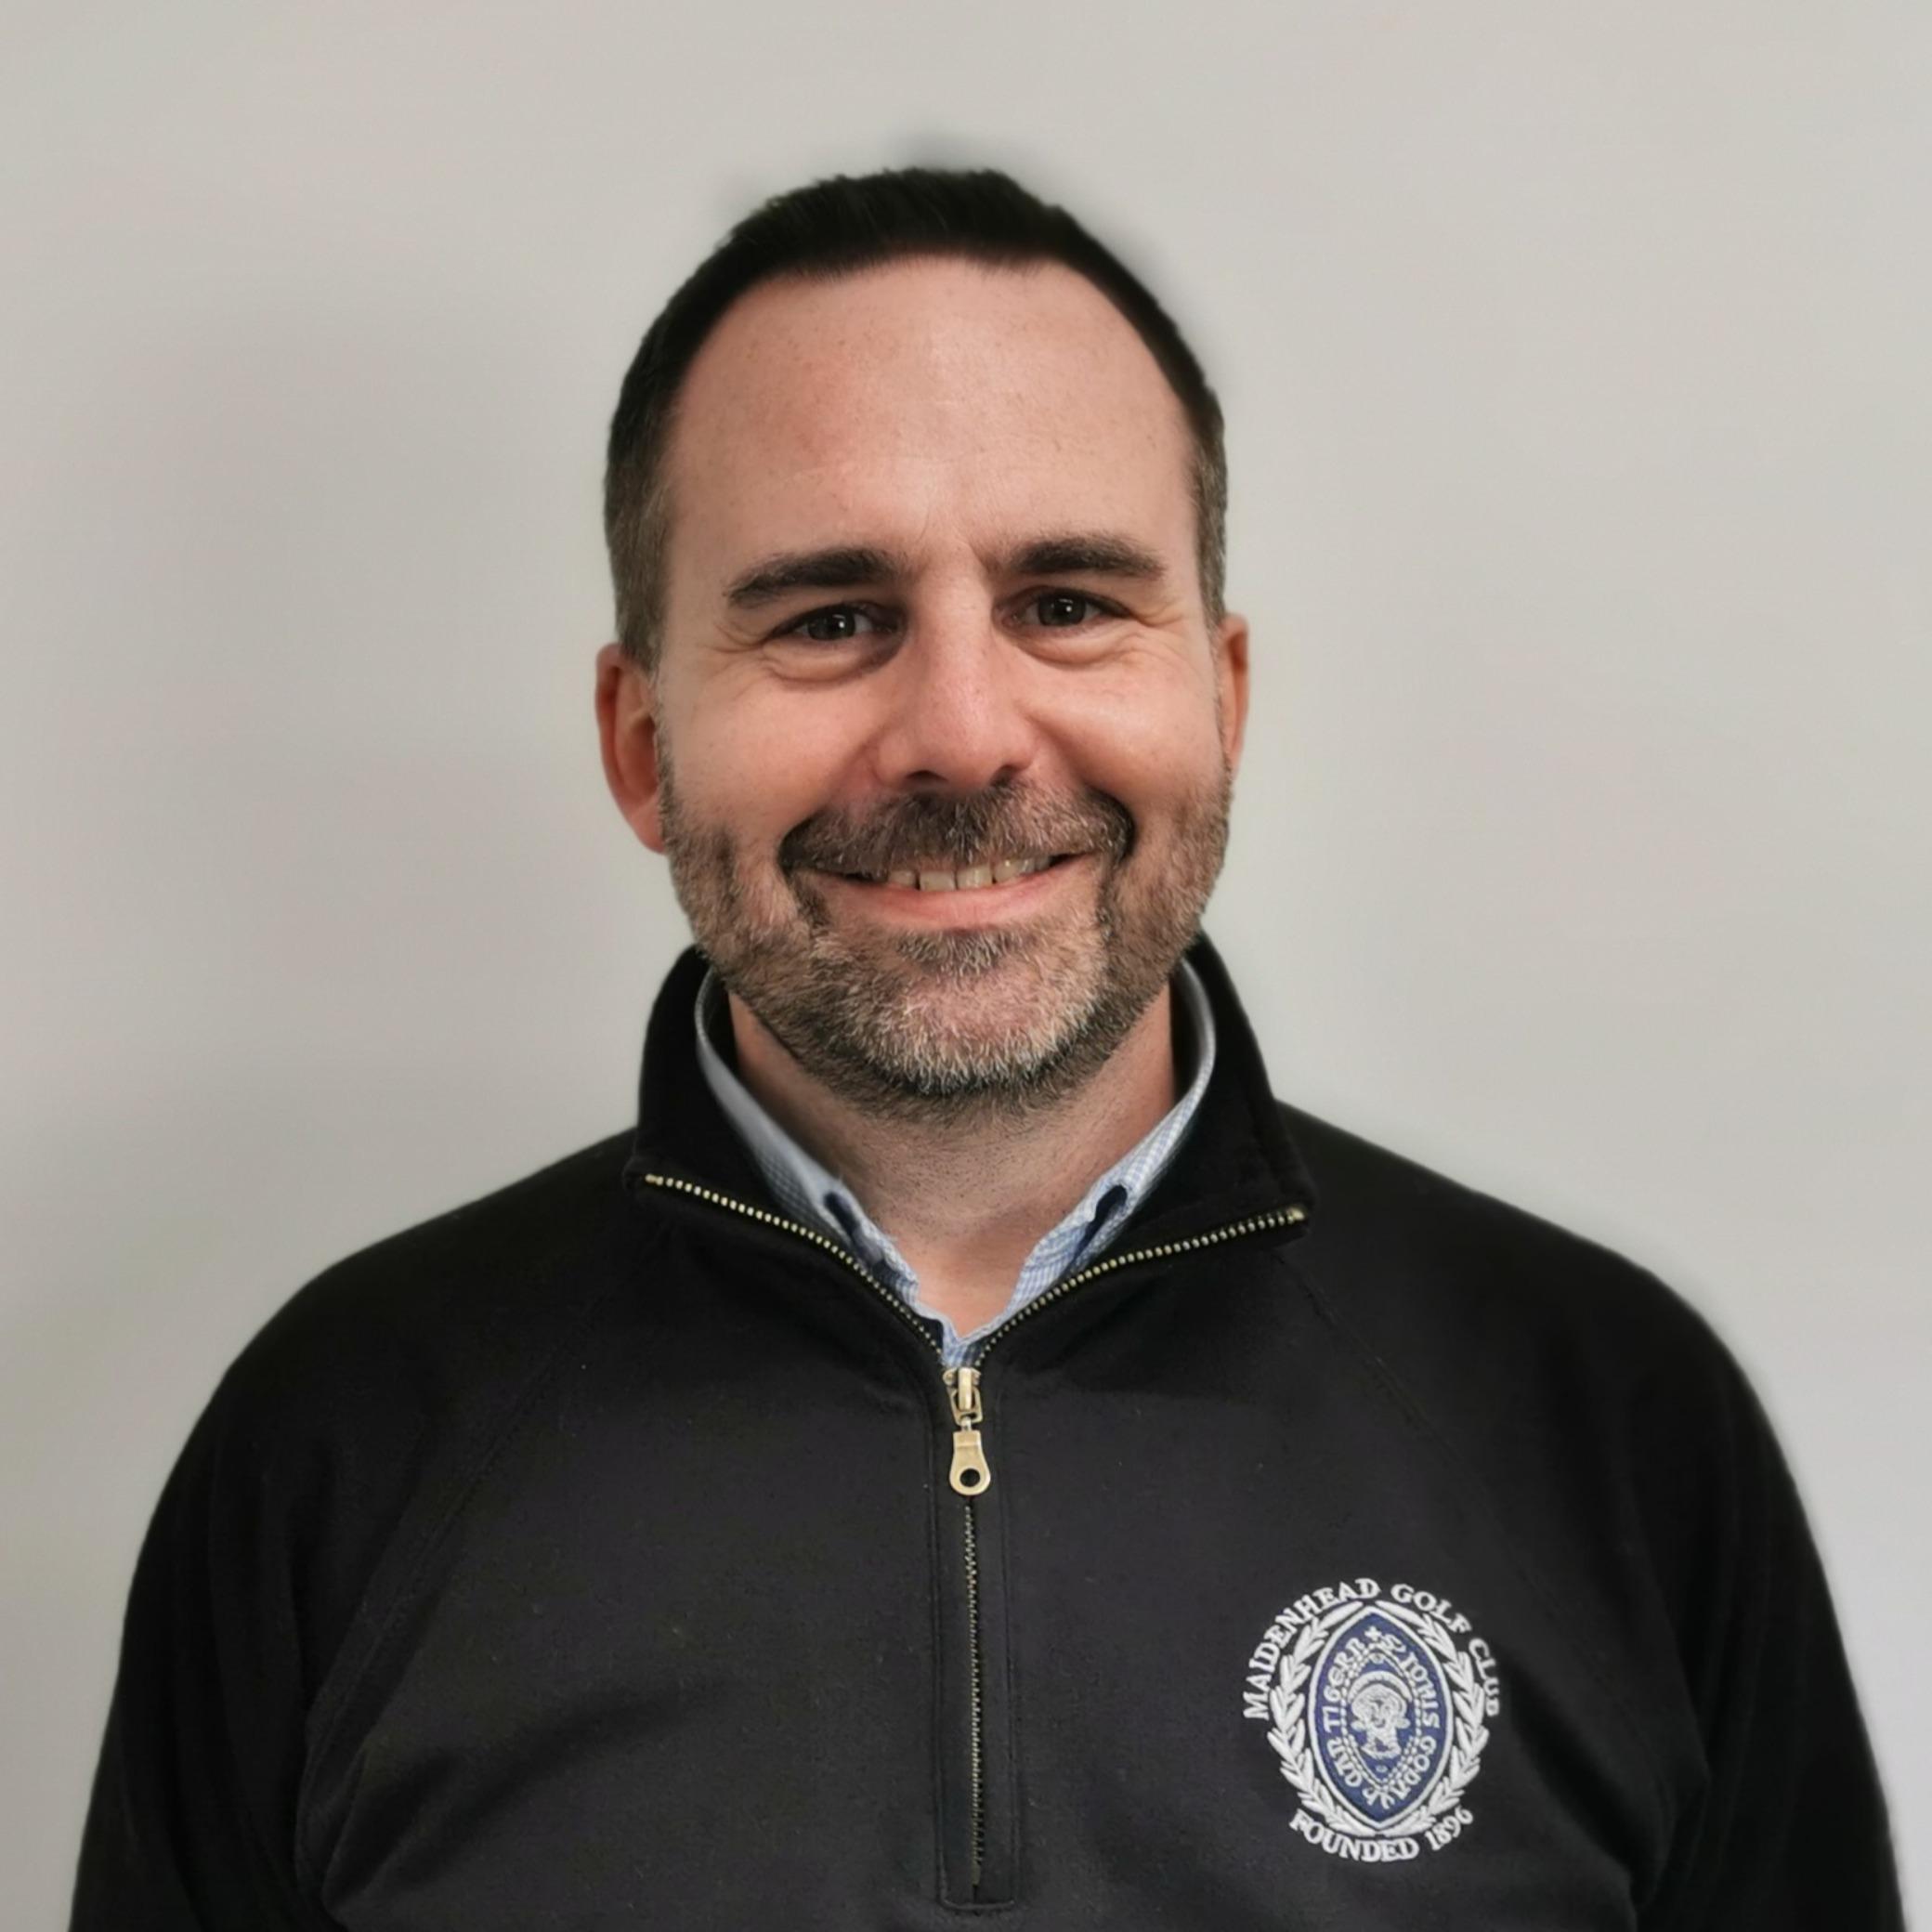 James Pugh - General Manager